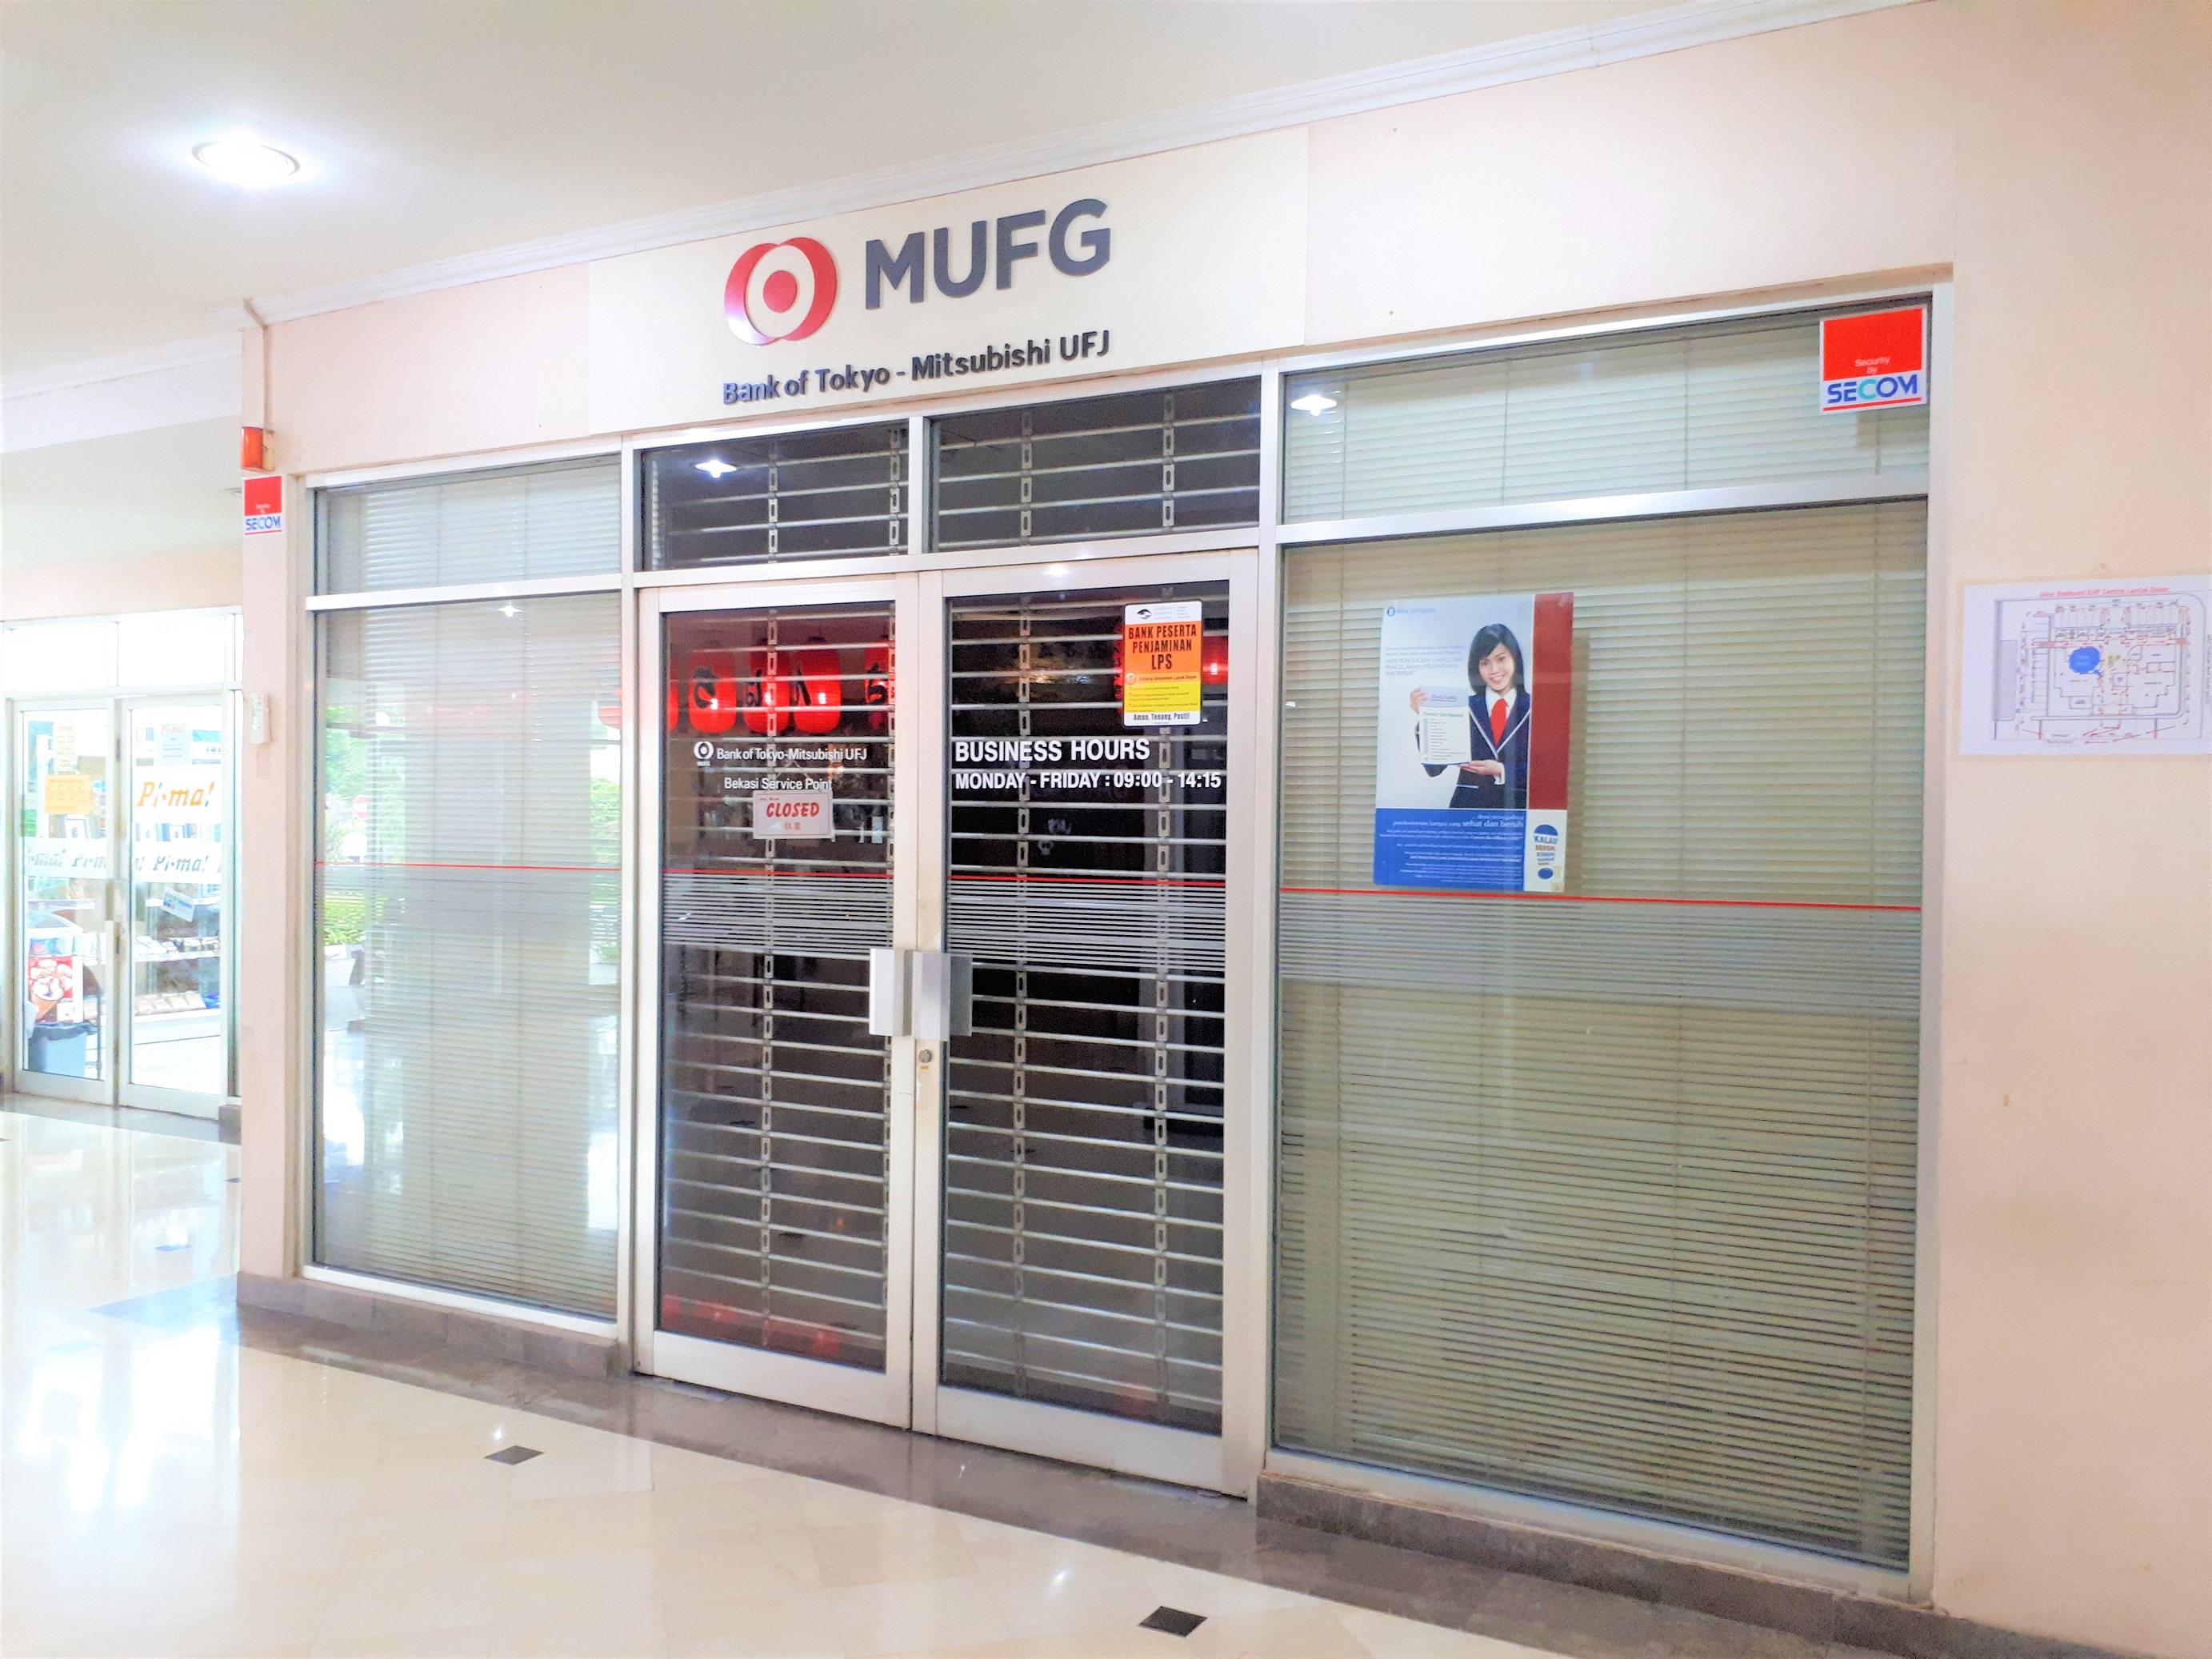 BANK OF TOKYO - MITSUBISHI UFJ